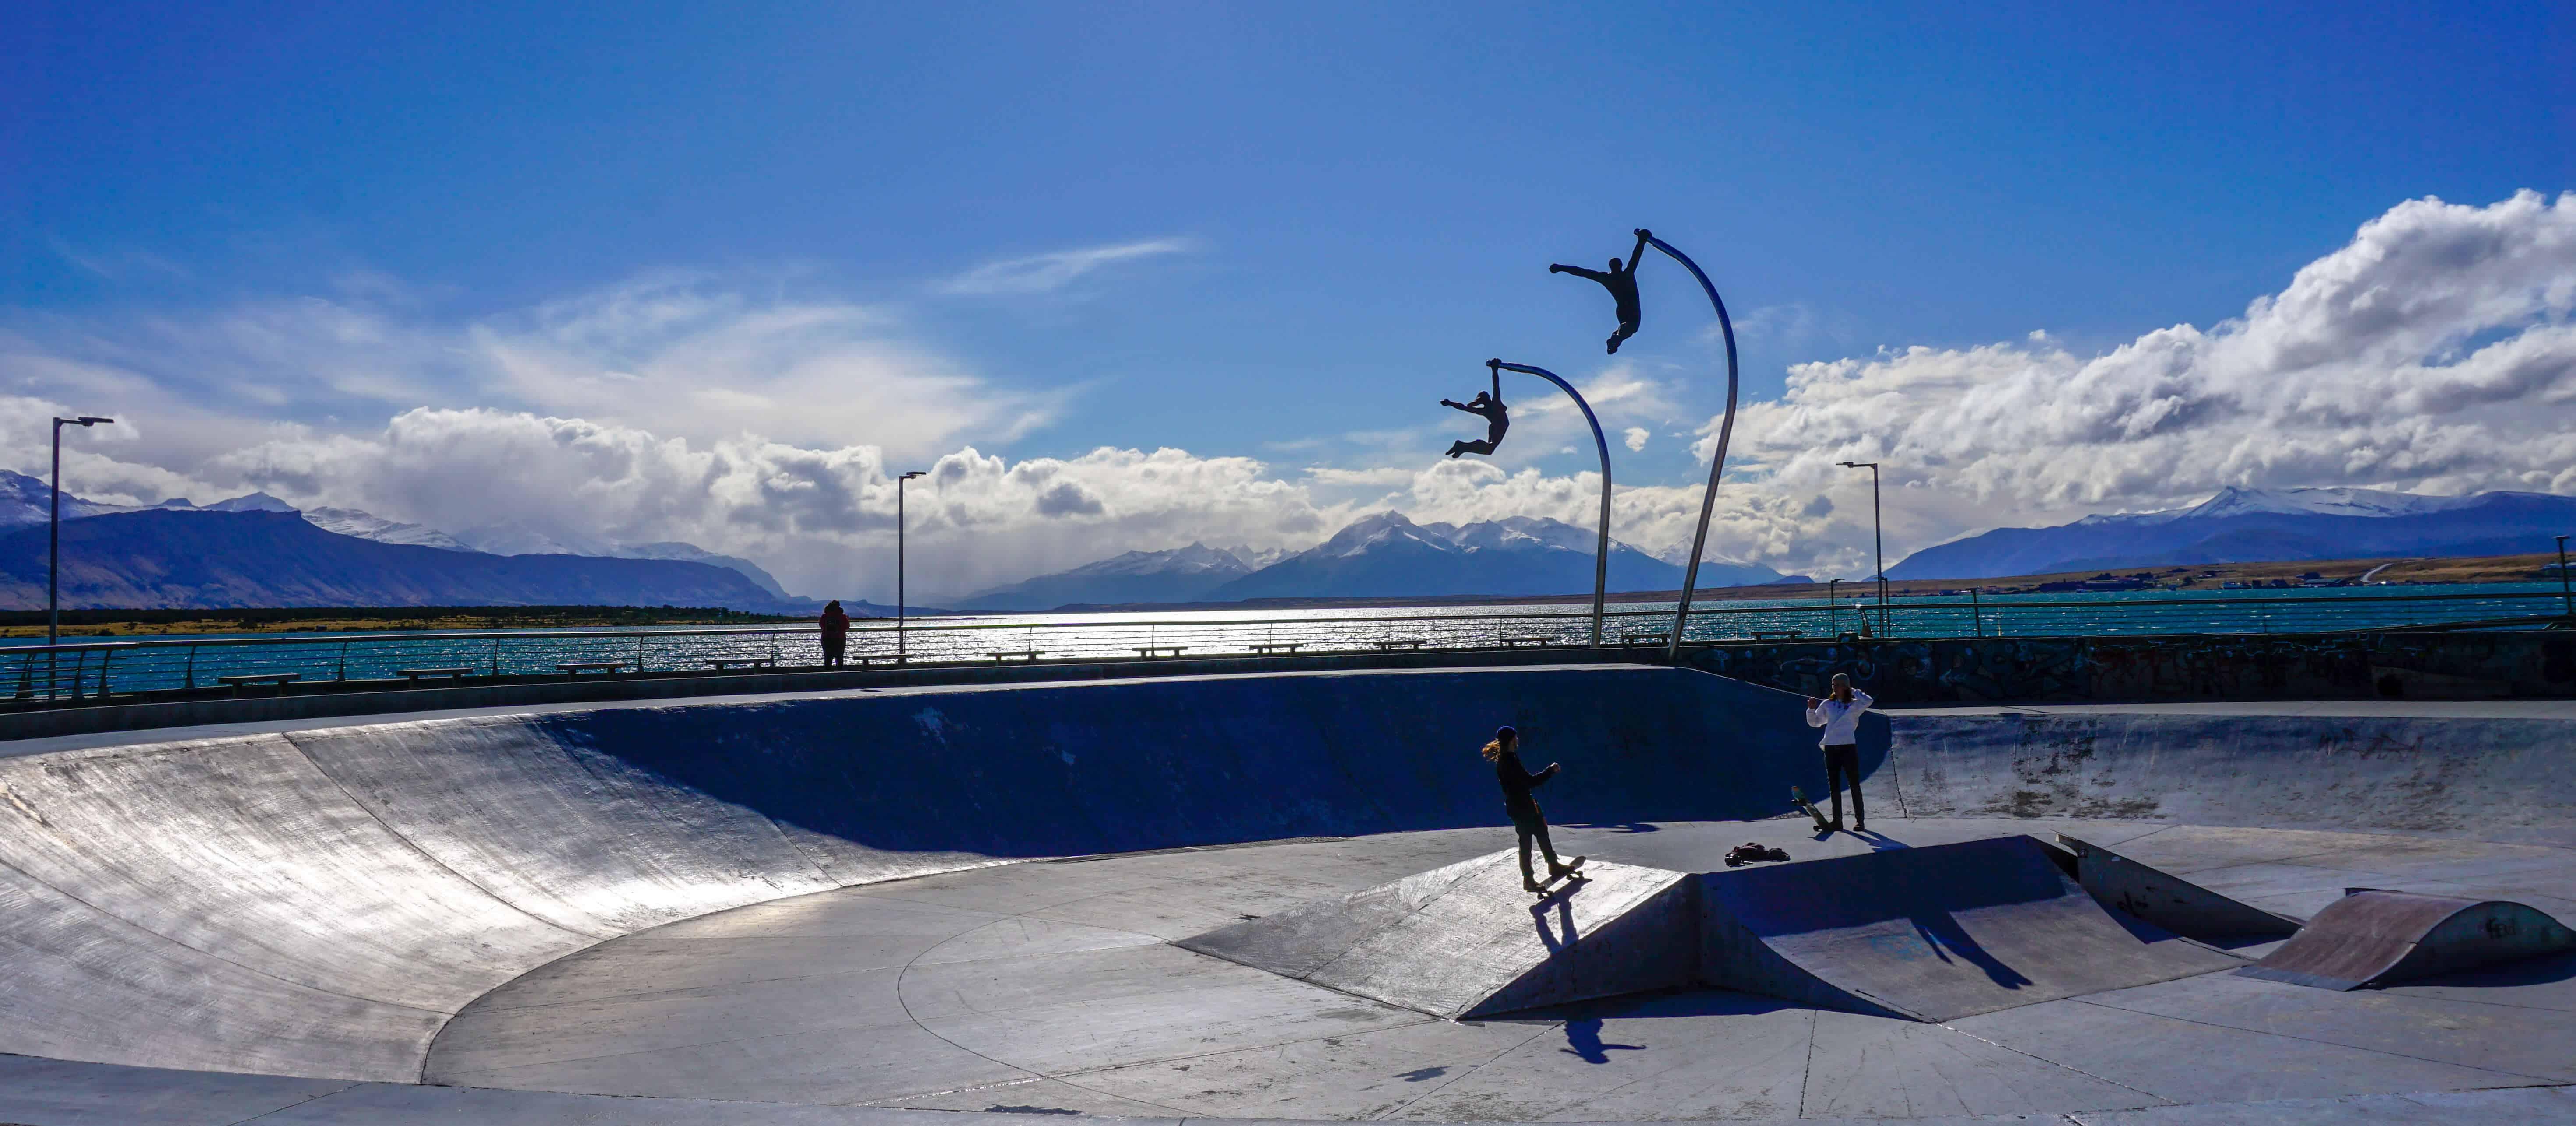 skatepark in Puerto Natales